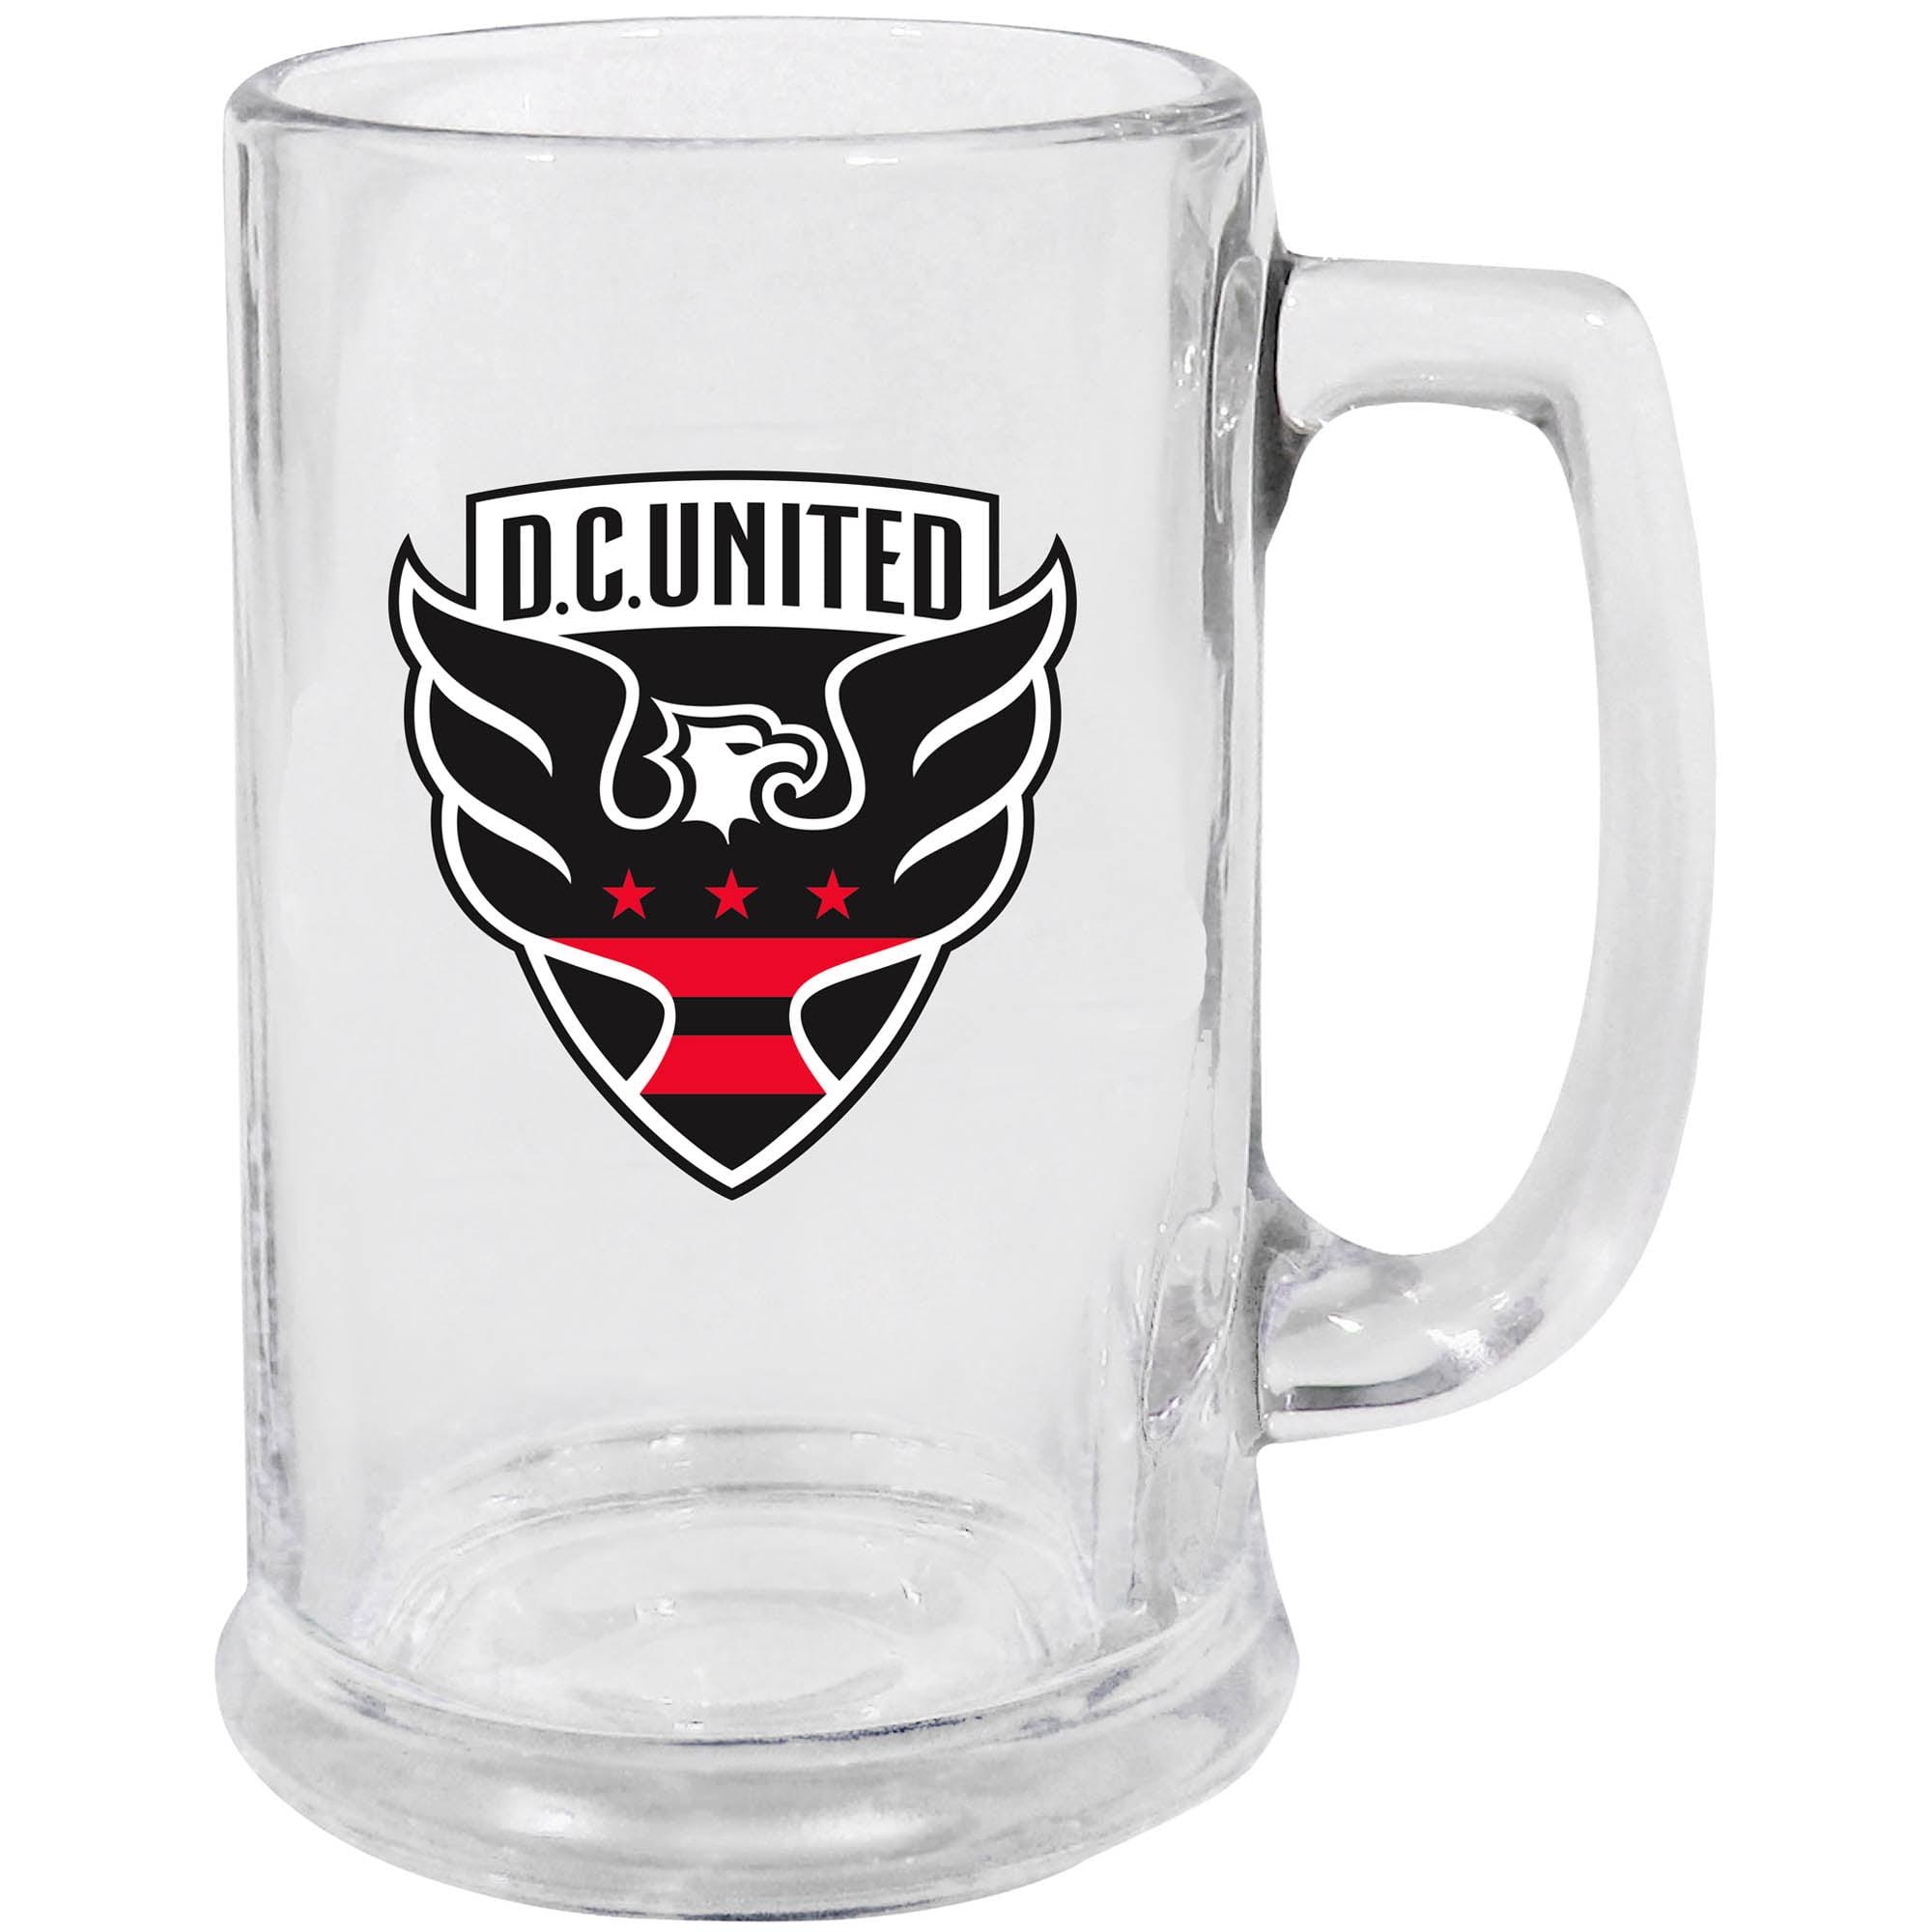 D.C. United 15oz. Glass Stein - No Size